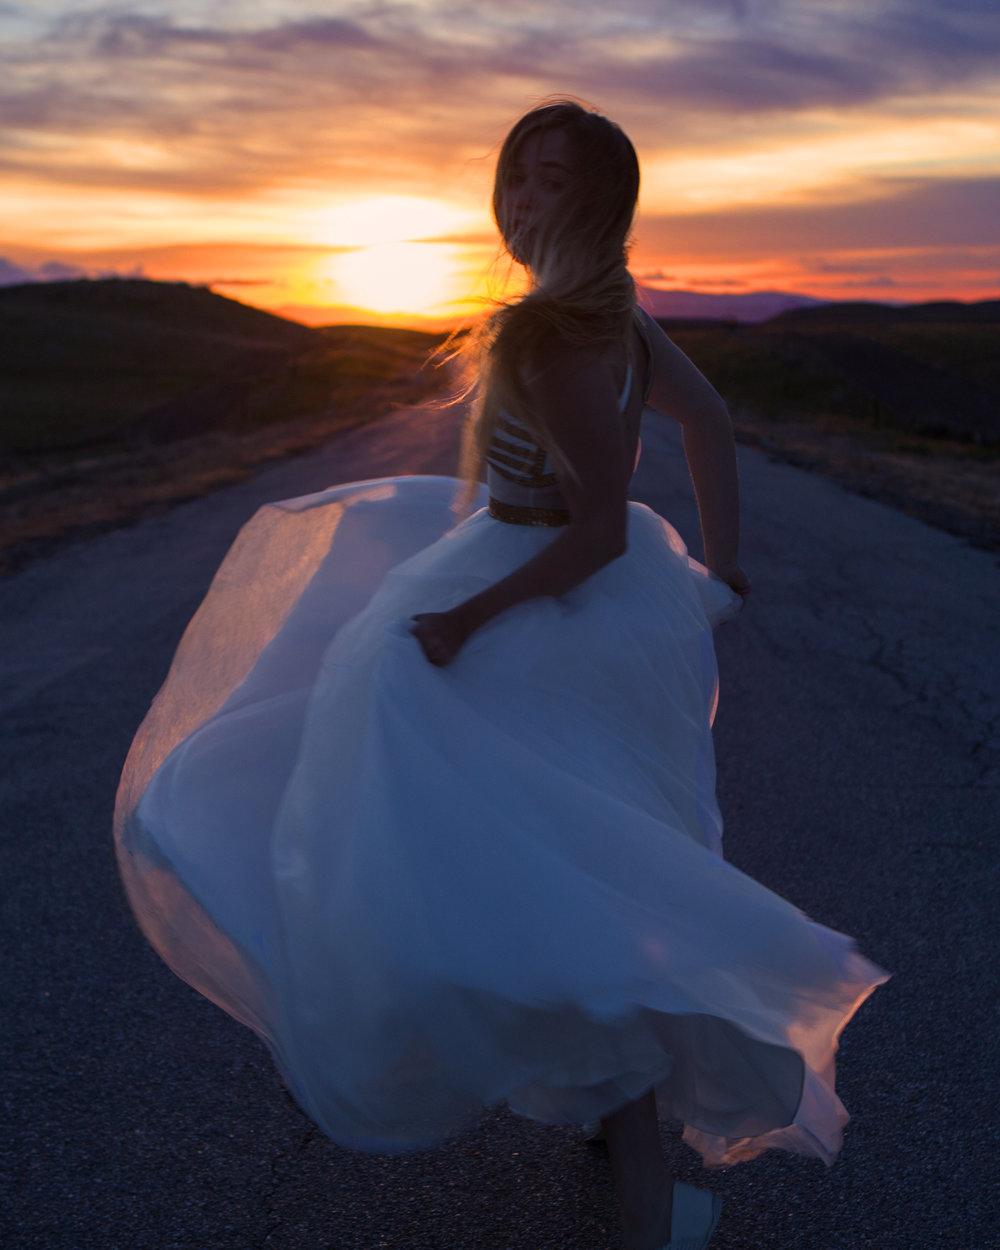 r u n a w a y ~ dress by Madison James